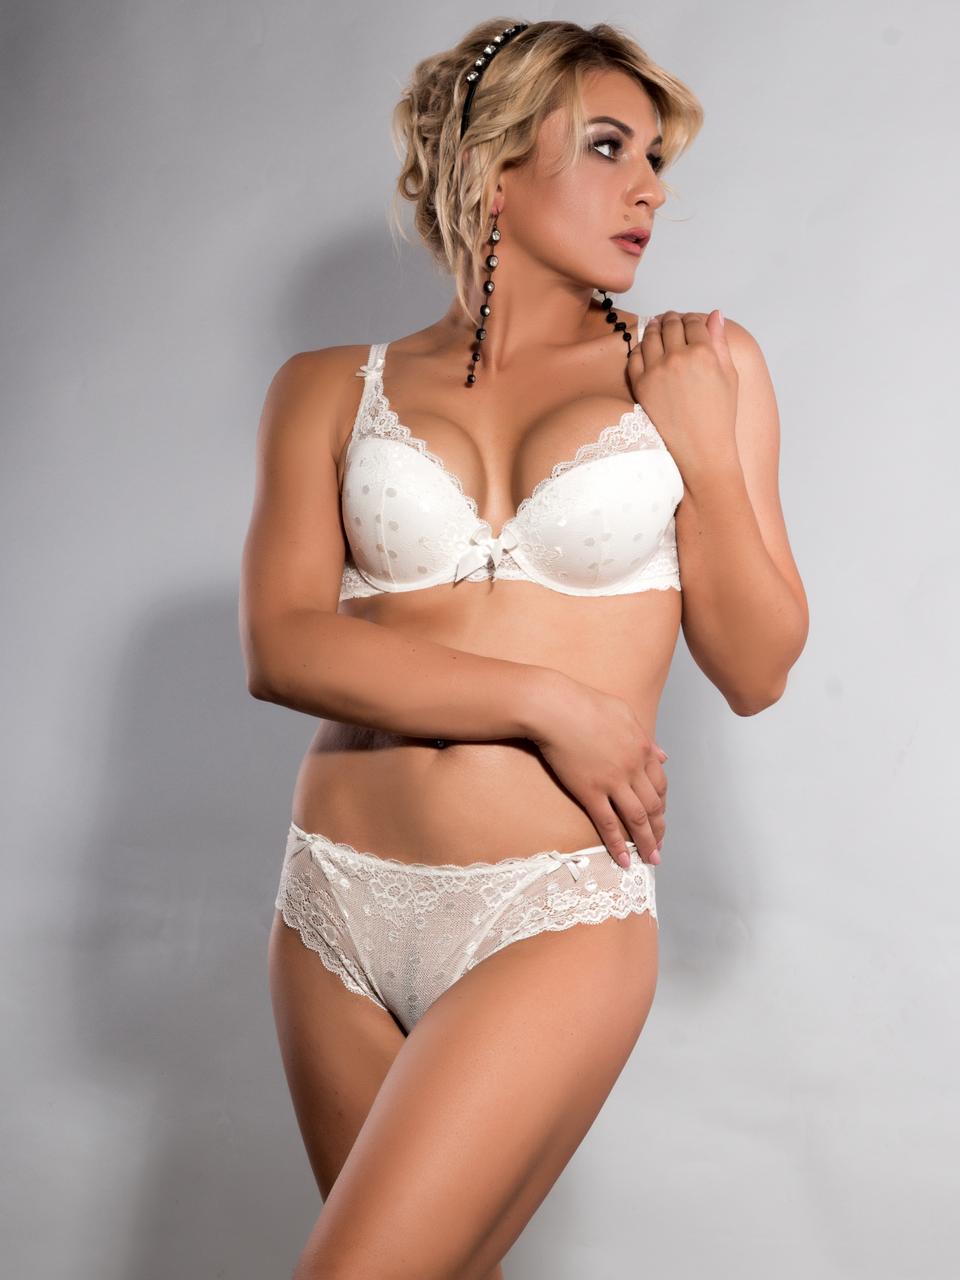 Комплект жіночої нижньої білизни Acousma A6407D-1-P6407-1H, колір Молочний,  розмір 90D-XXL